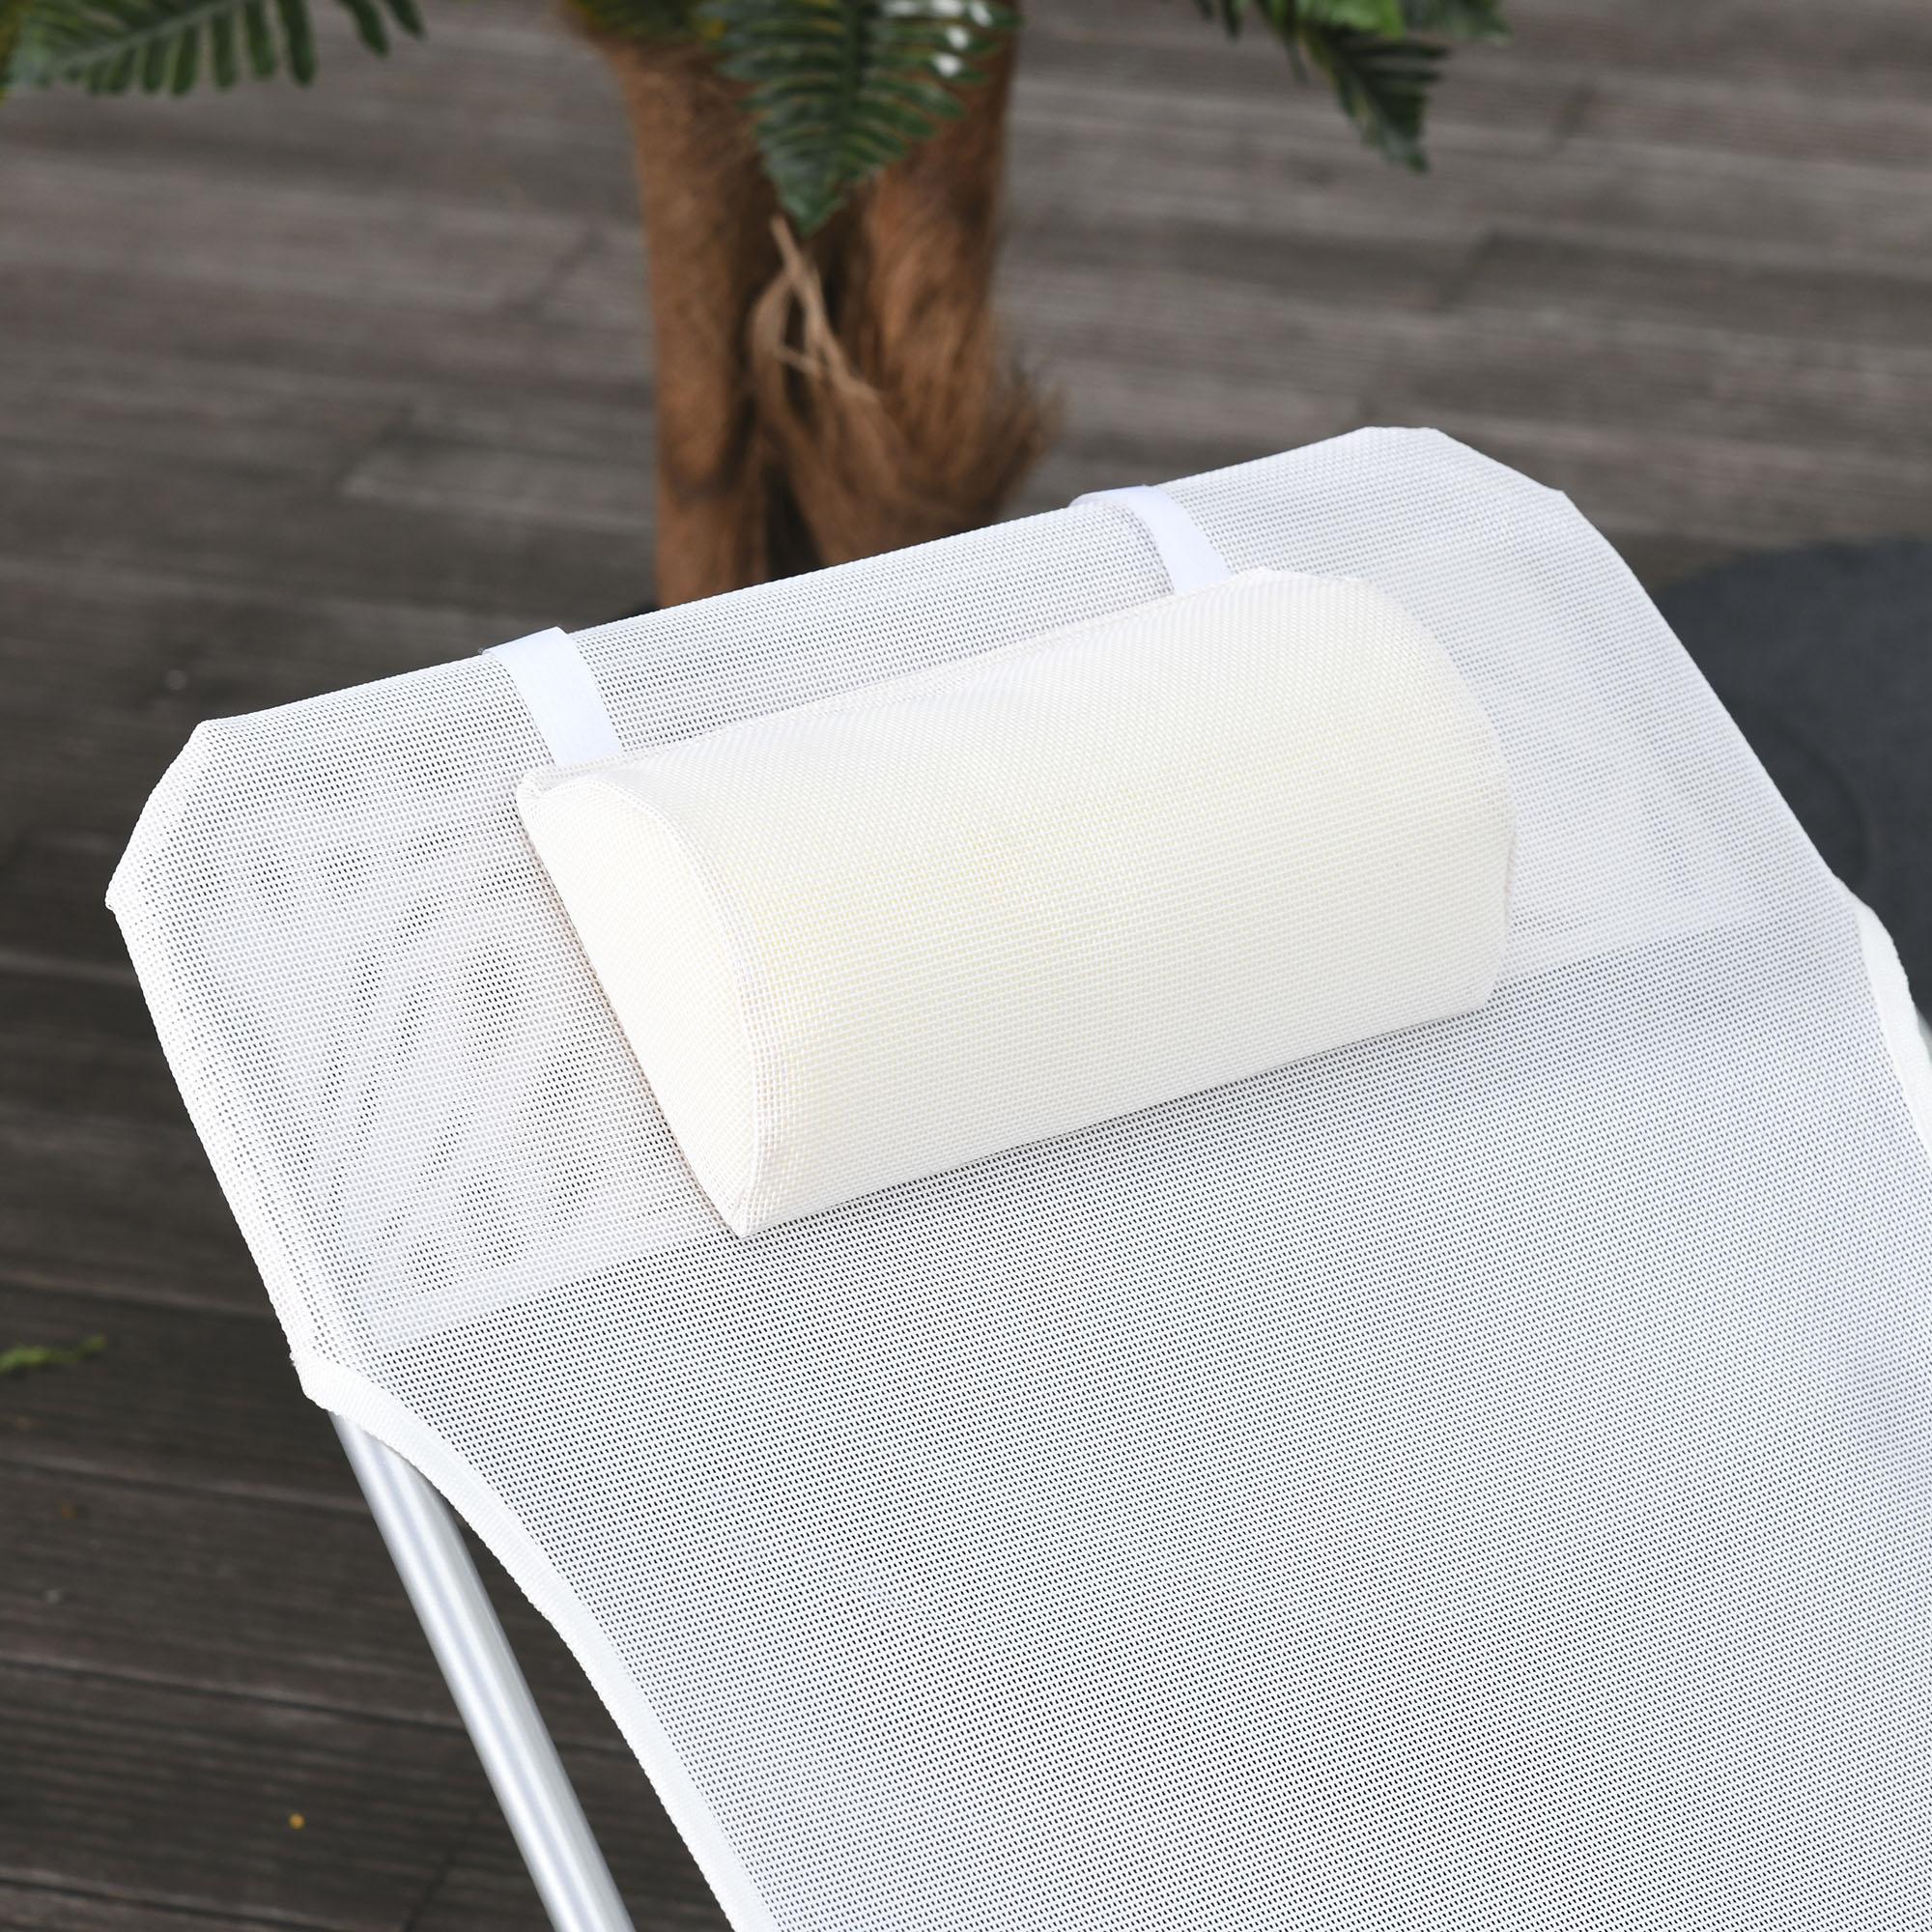 miniatura 6 - Tumbona Plegable y Reclinable con Reposacabezas y Respaldo Ajustable COLOR